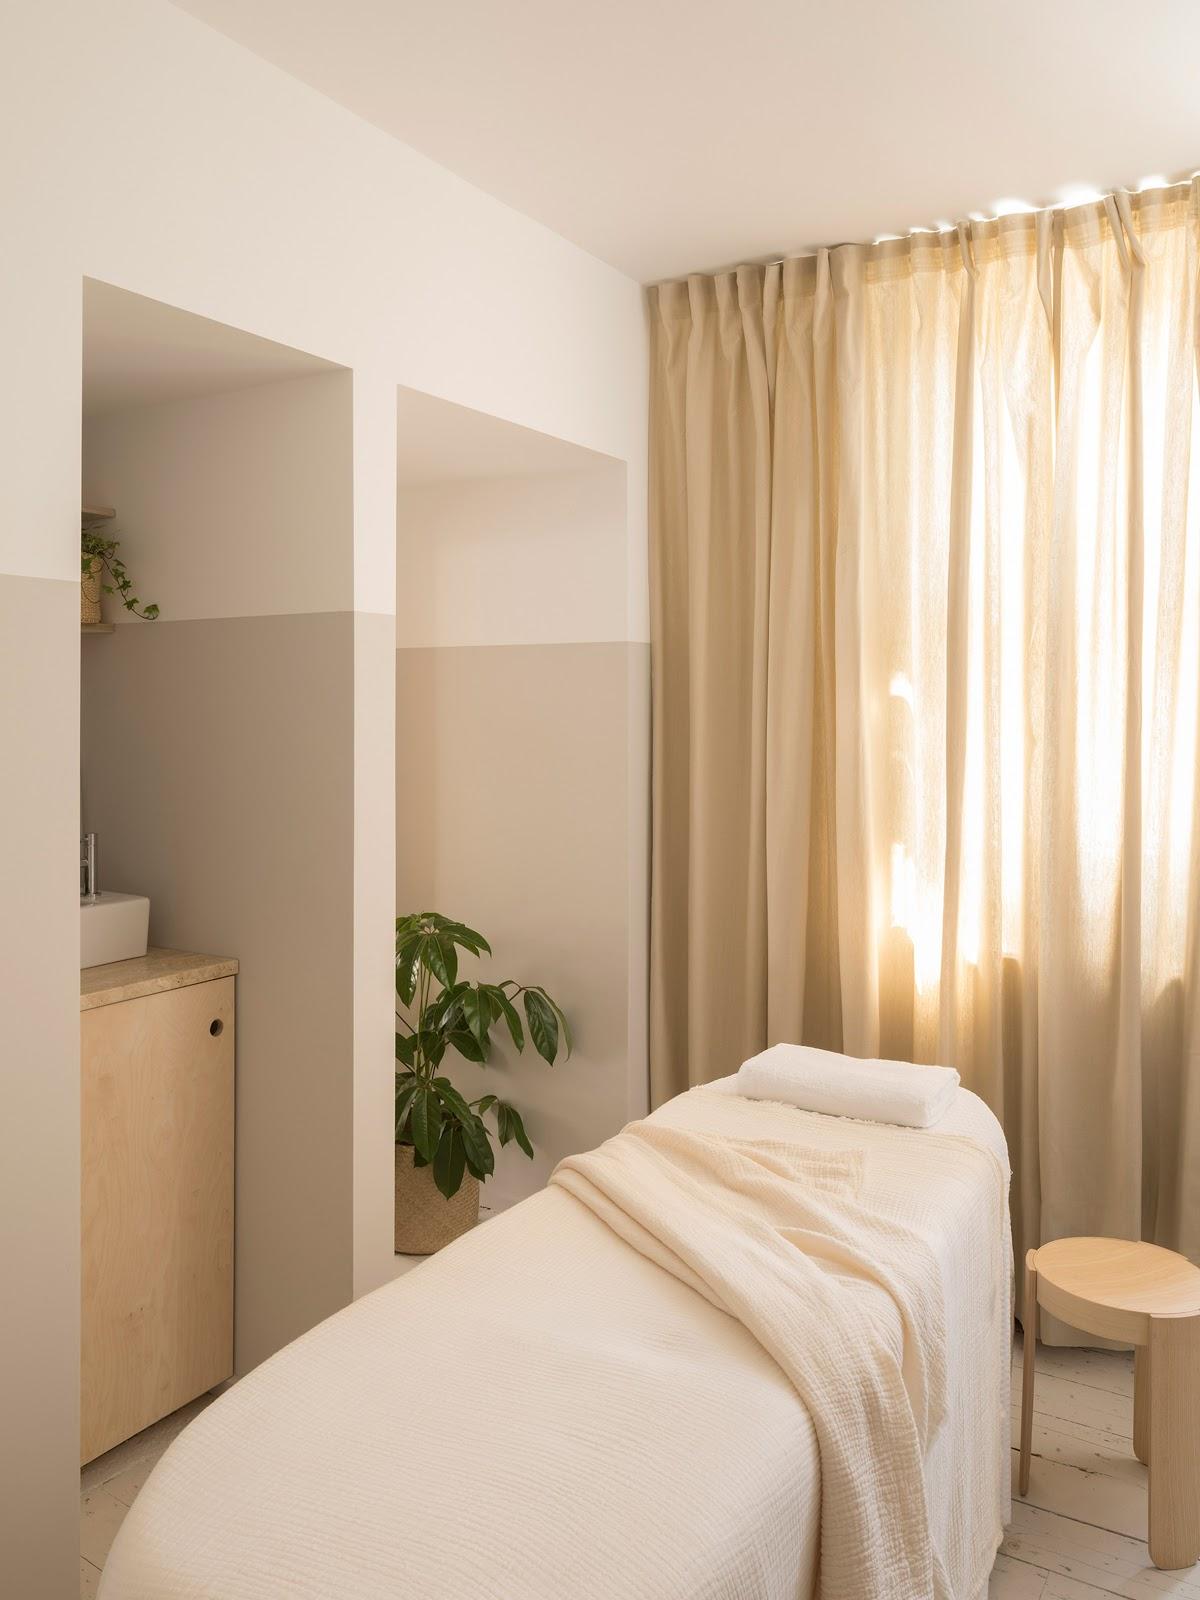 Thiết kế nội thất spa - Bí quyết thu hút khách hàng từ ấn tượng đầu tiên